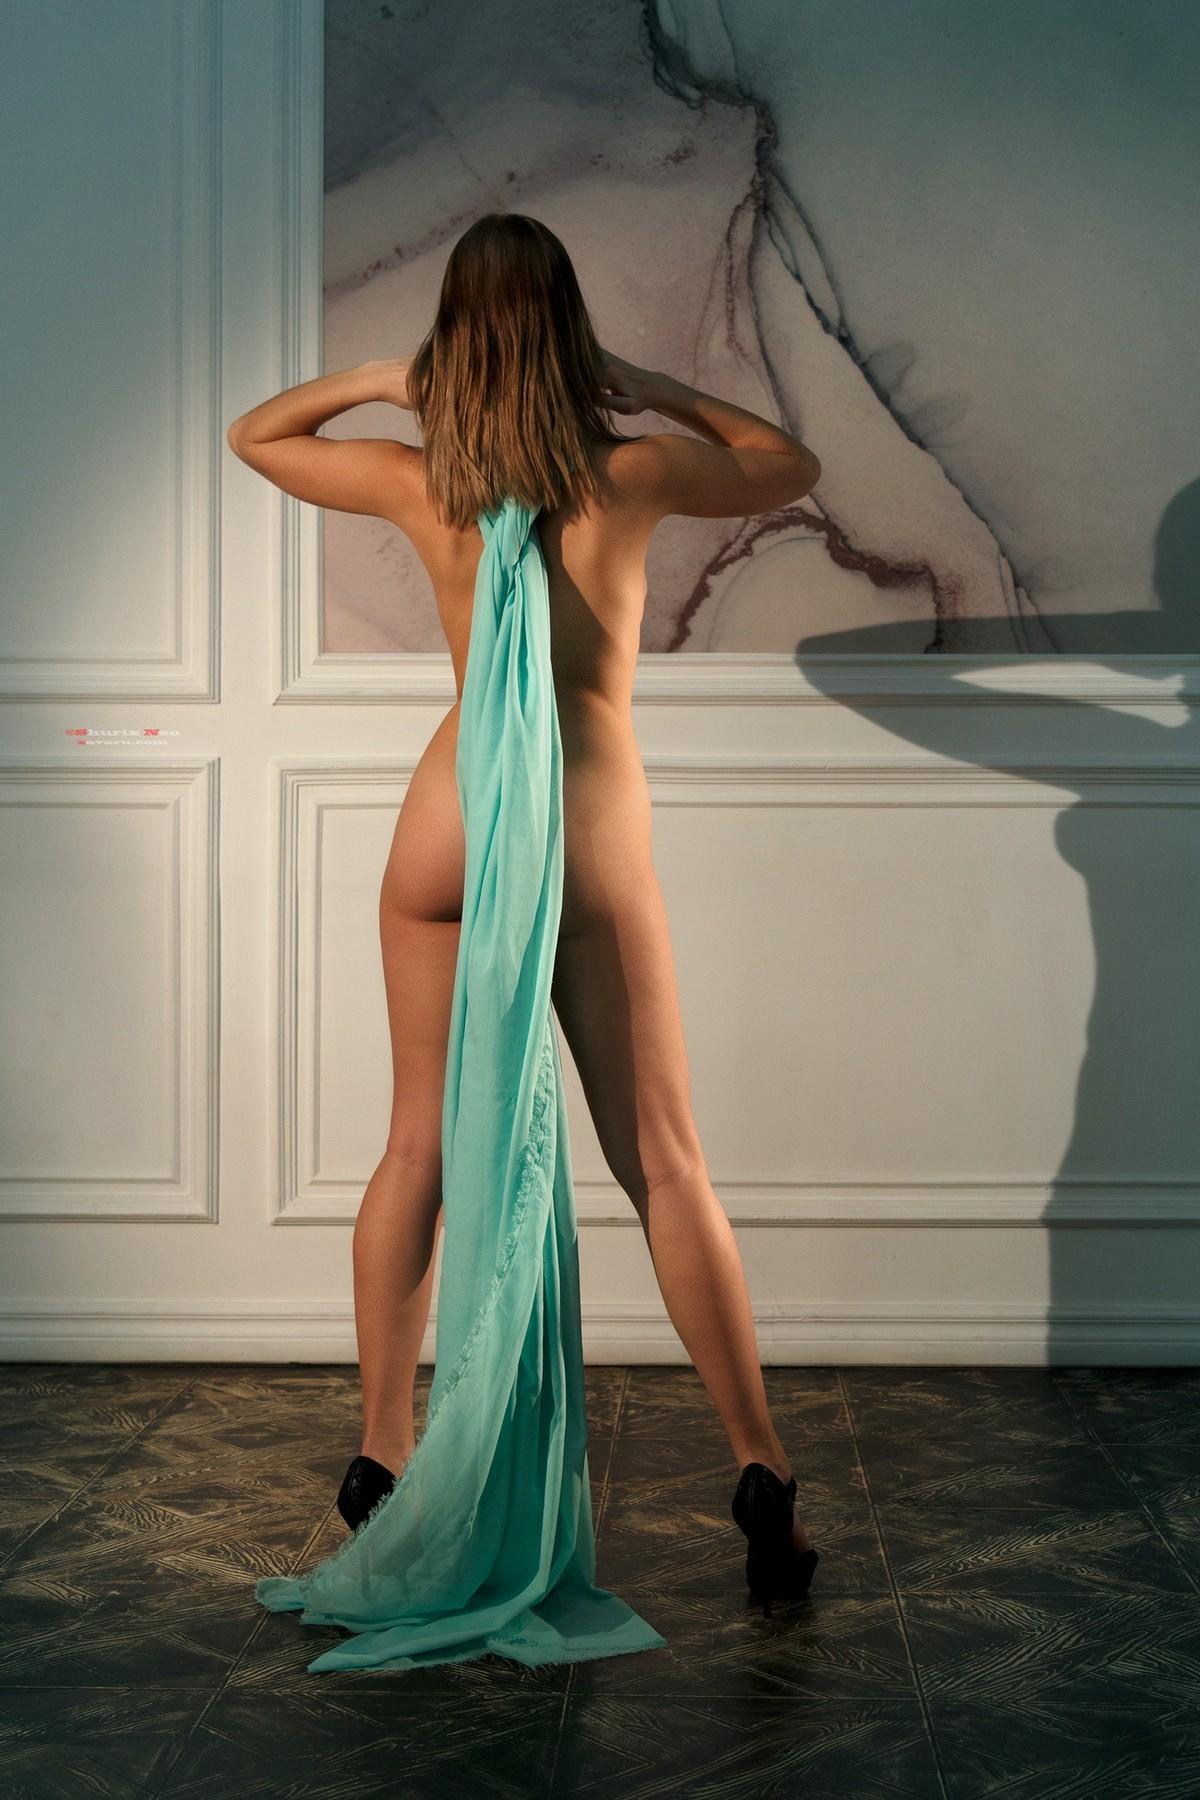 Снимки в жанре «Ню» Александра Заварухина